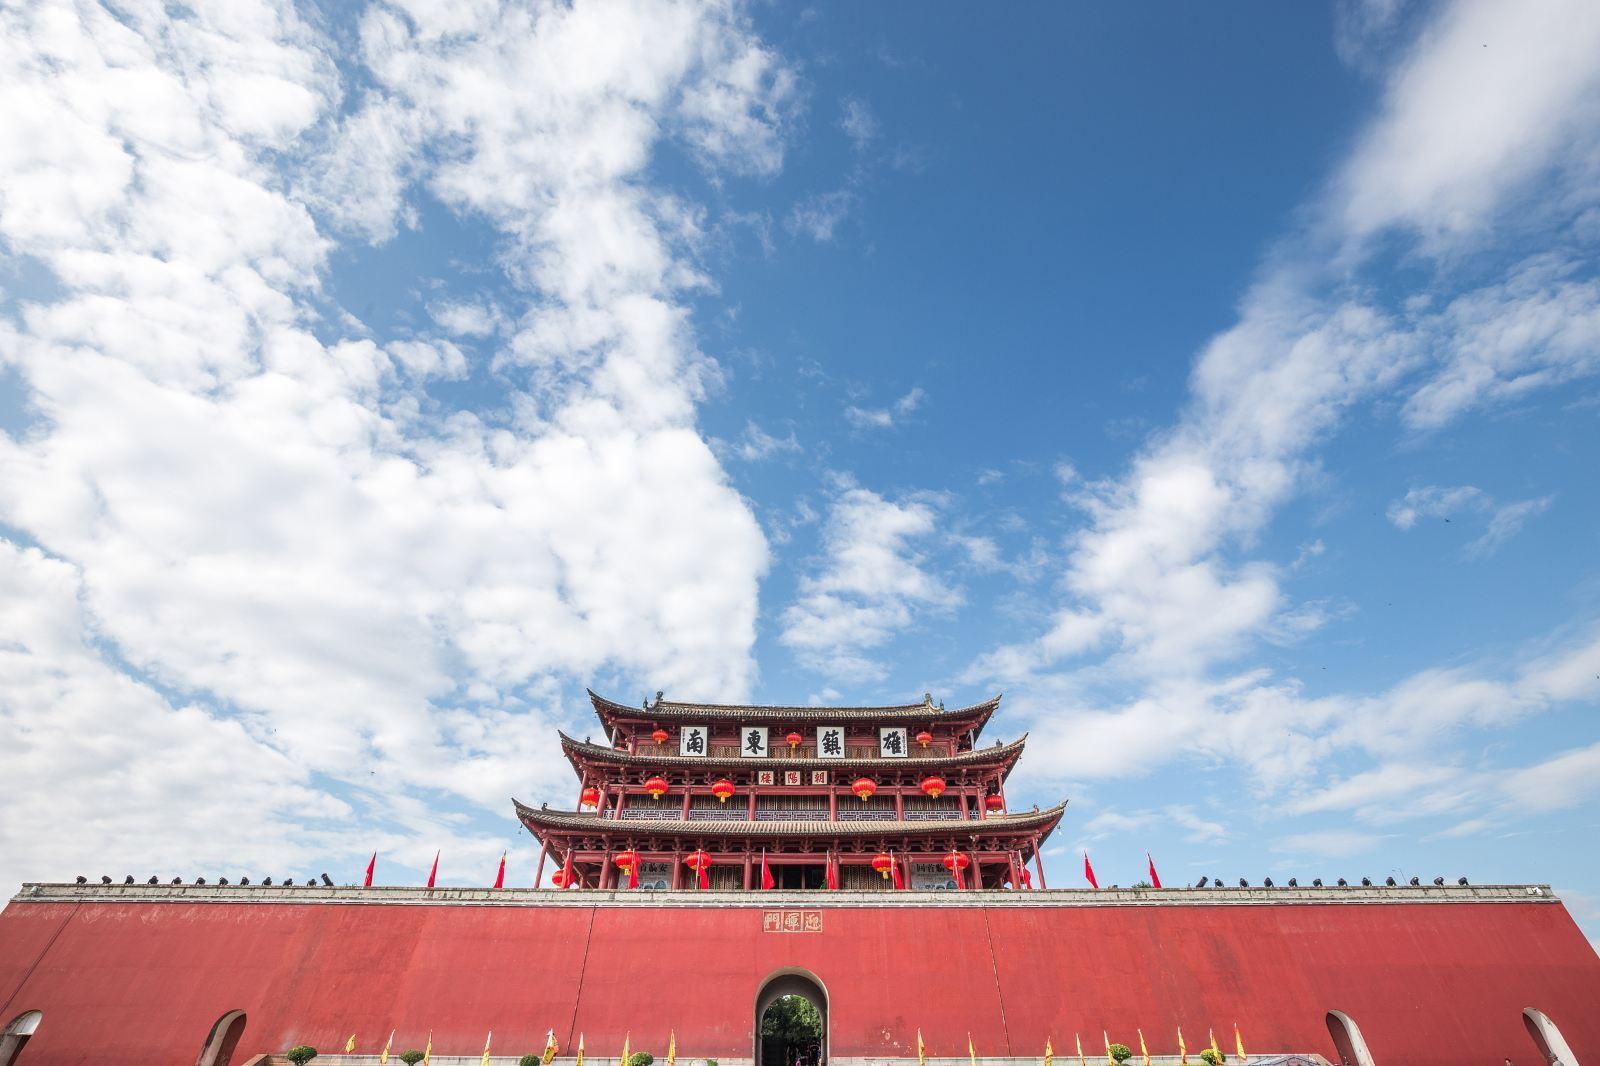 青岛至丽江旅游攻略-从青岛到丽江一周要花费多少钱